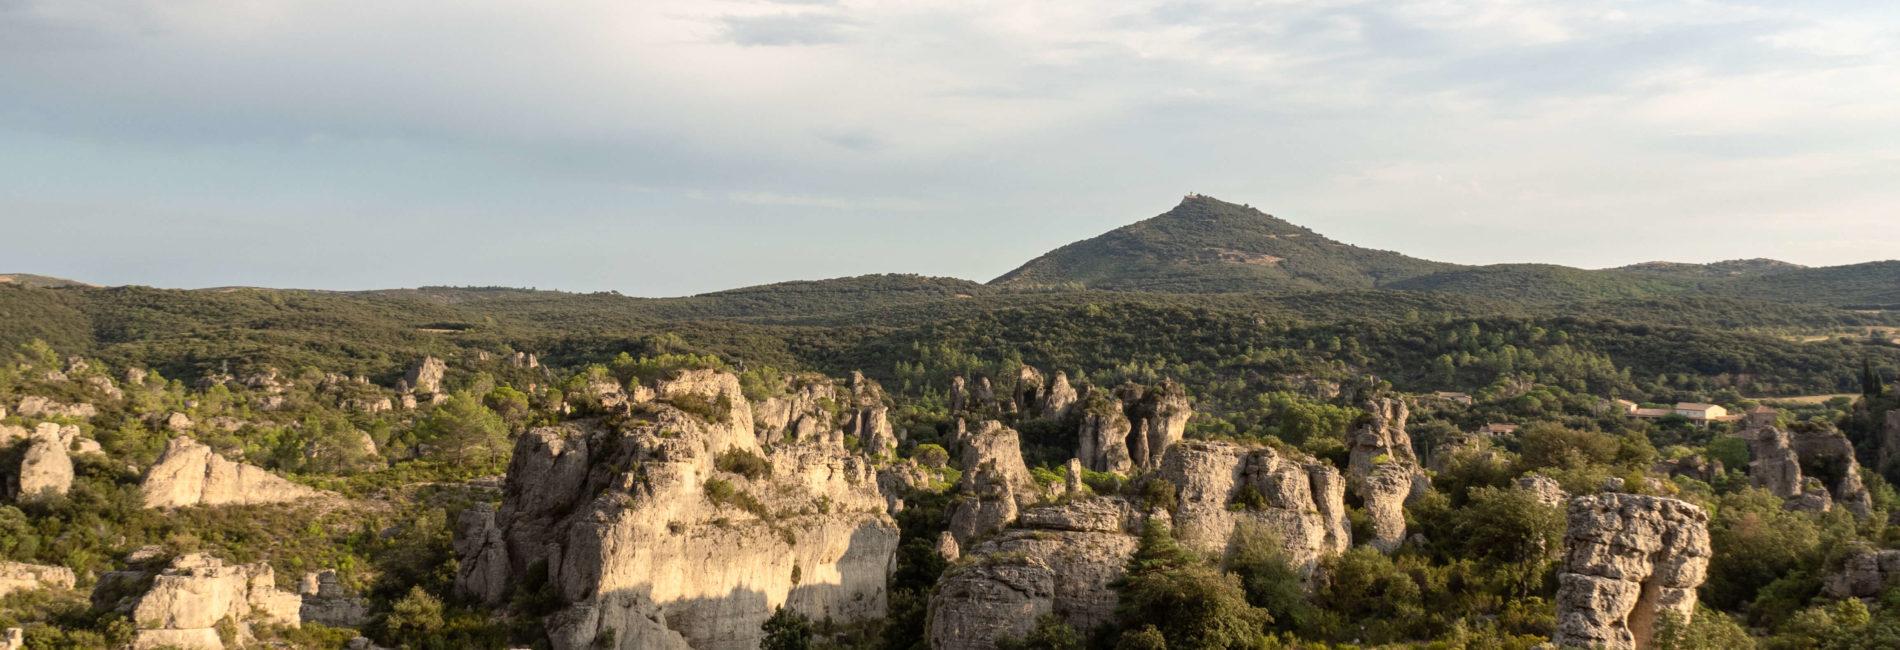 Randonnée au Cirque de Mourèze parmi des géants de pierres, à deux pas du lac du Salagou